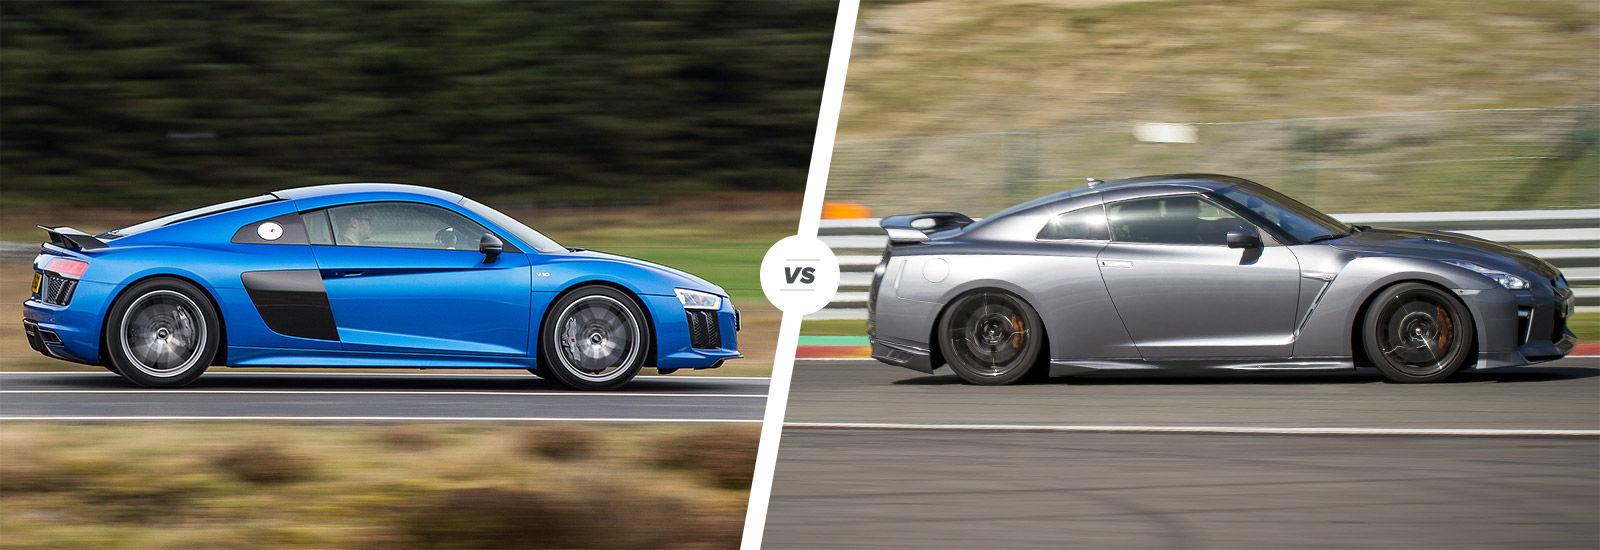 Exceptionnel Audi R8 vs Nissan GT-R supercar comparison | carwow KT37